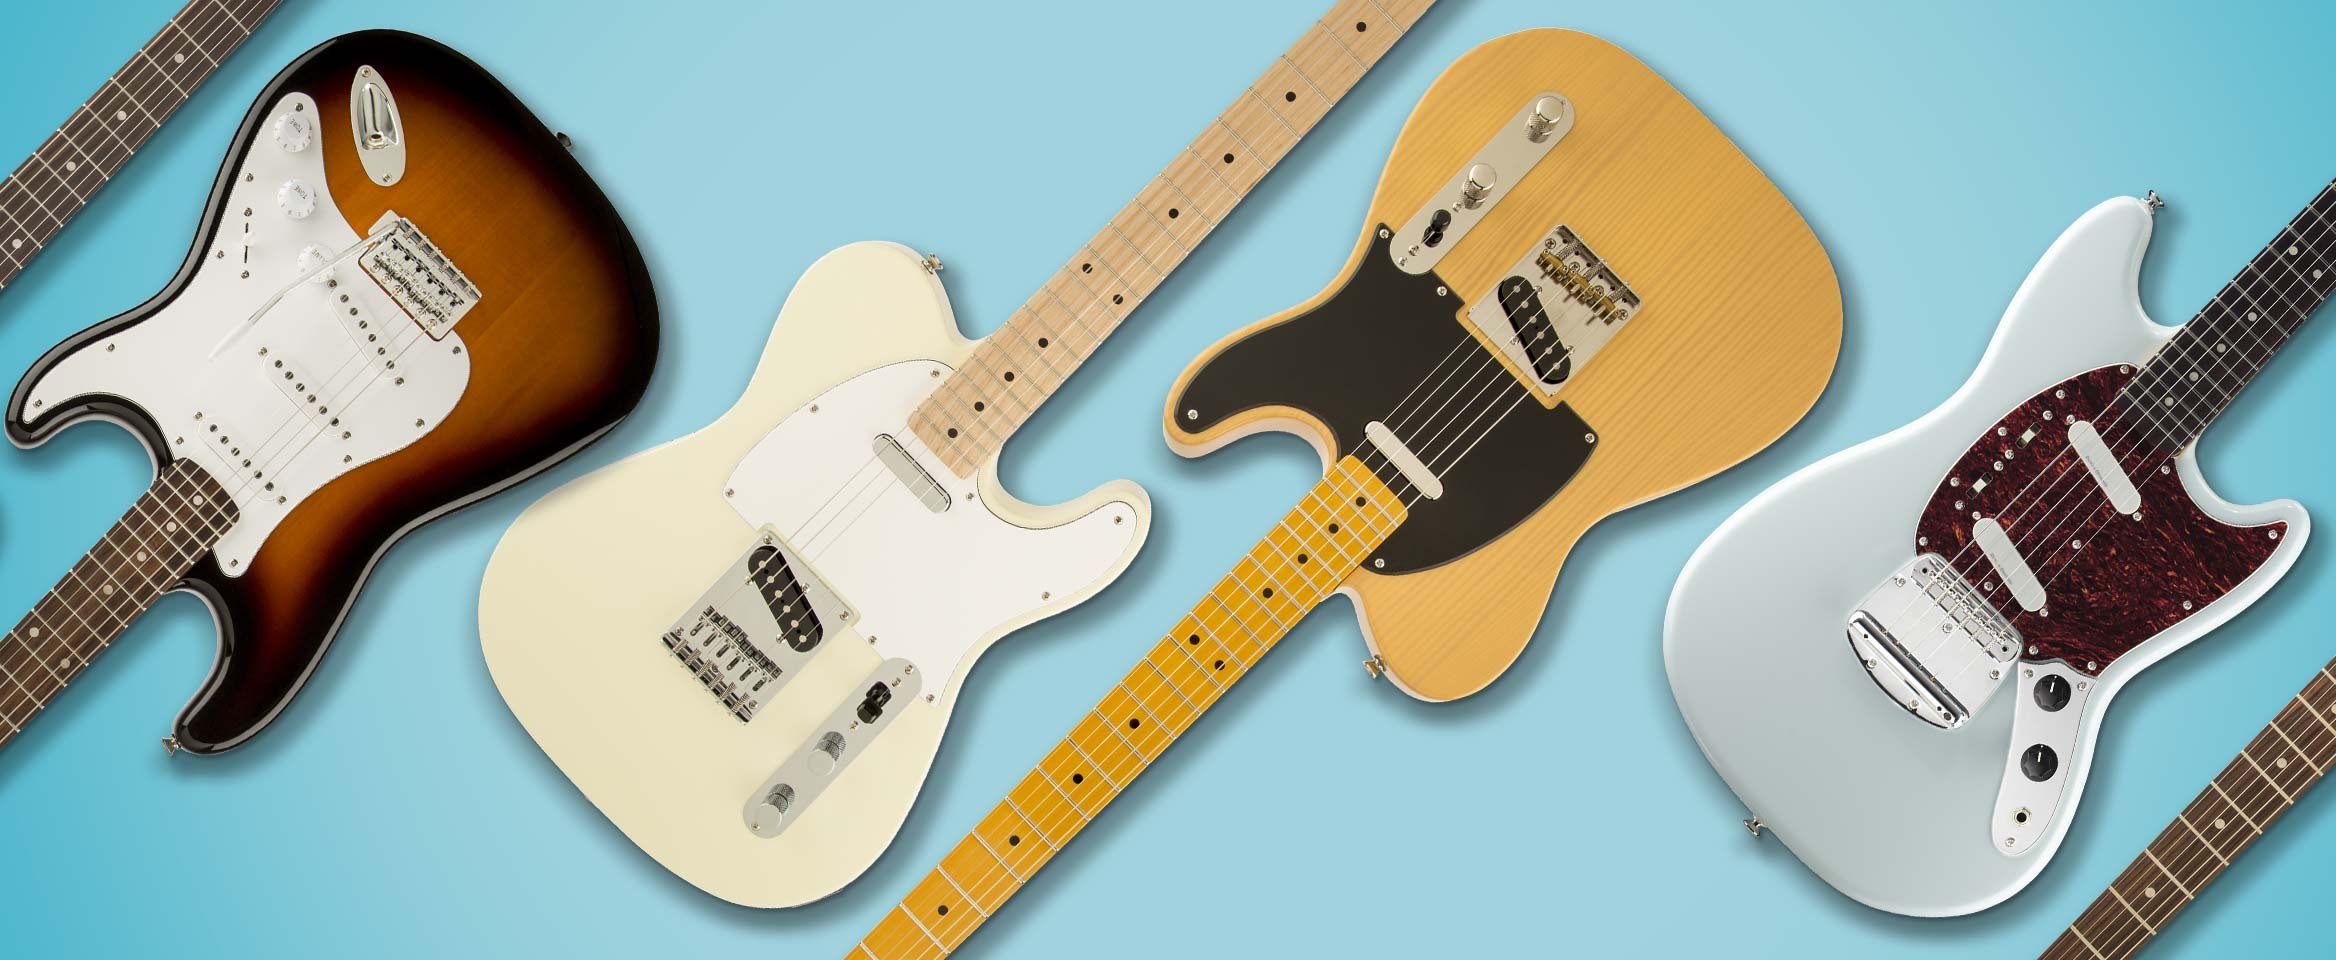 7 electric guitars for beginners fender guitars. Black Bedroom Furniture Sets. Home Design Ideas